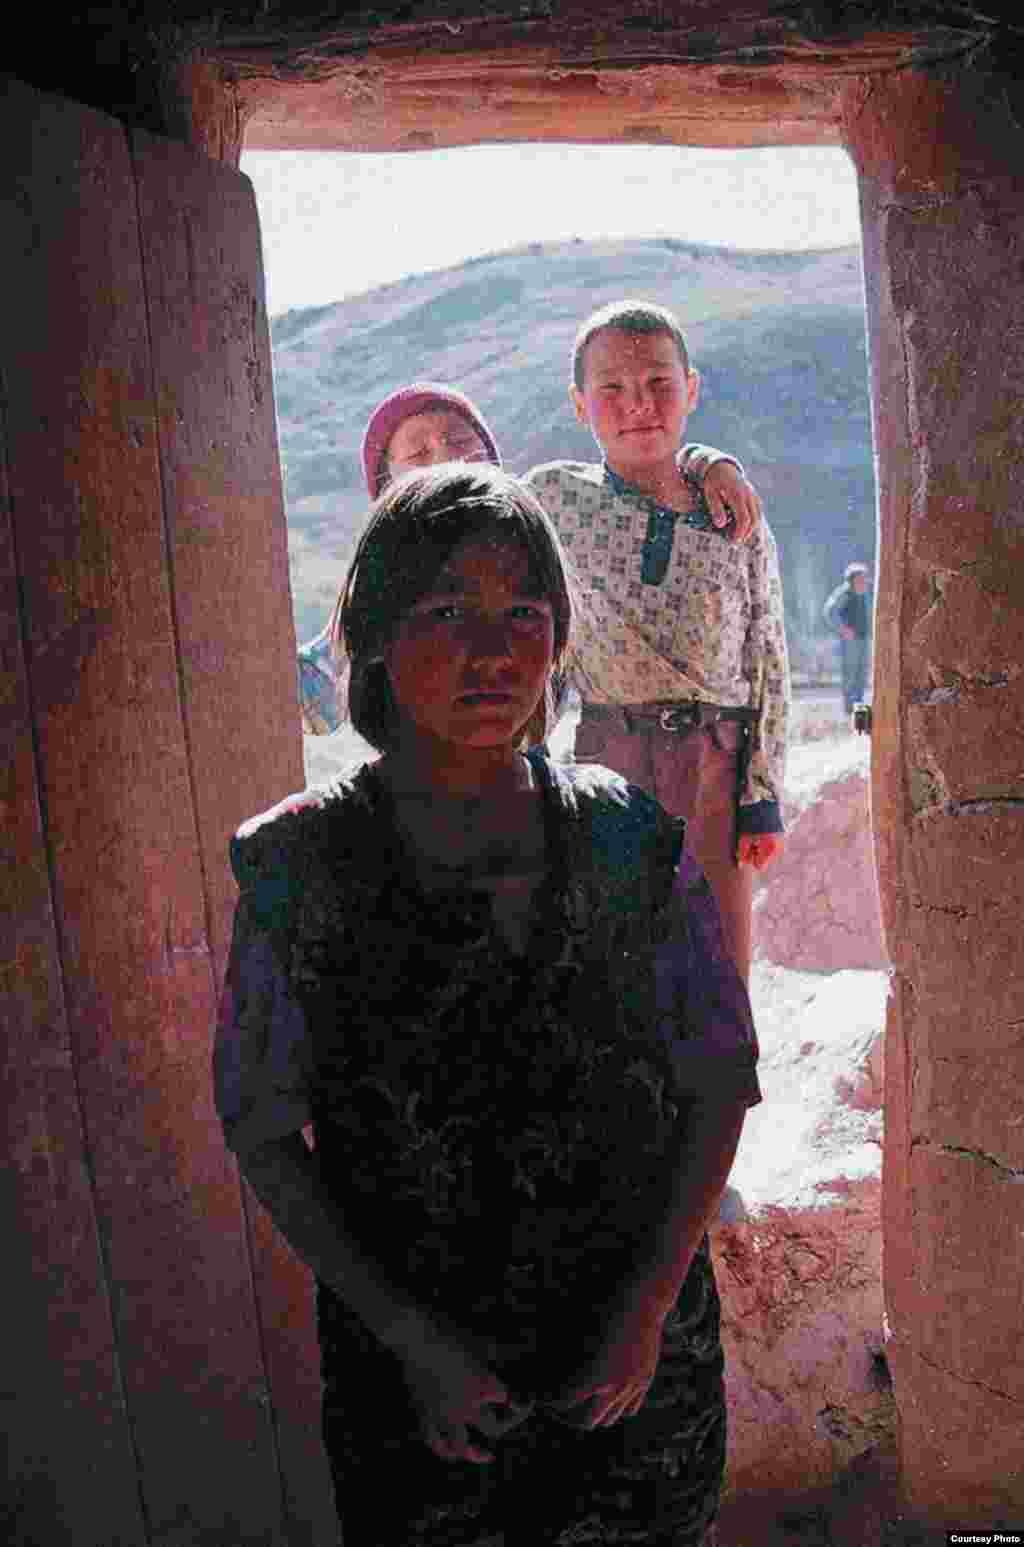 """Поводом для уголовного преследования Умиды Ахмедовой стали документальный фильм """"Бремя девственности"""" и фотоальбом под названием """"Женщины и мужчины: от рассвета до заката"""". Ее работы изображают повседневную жизнь простых людей в Узбекистане."""